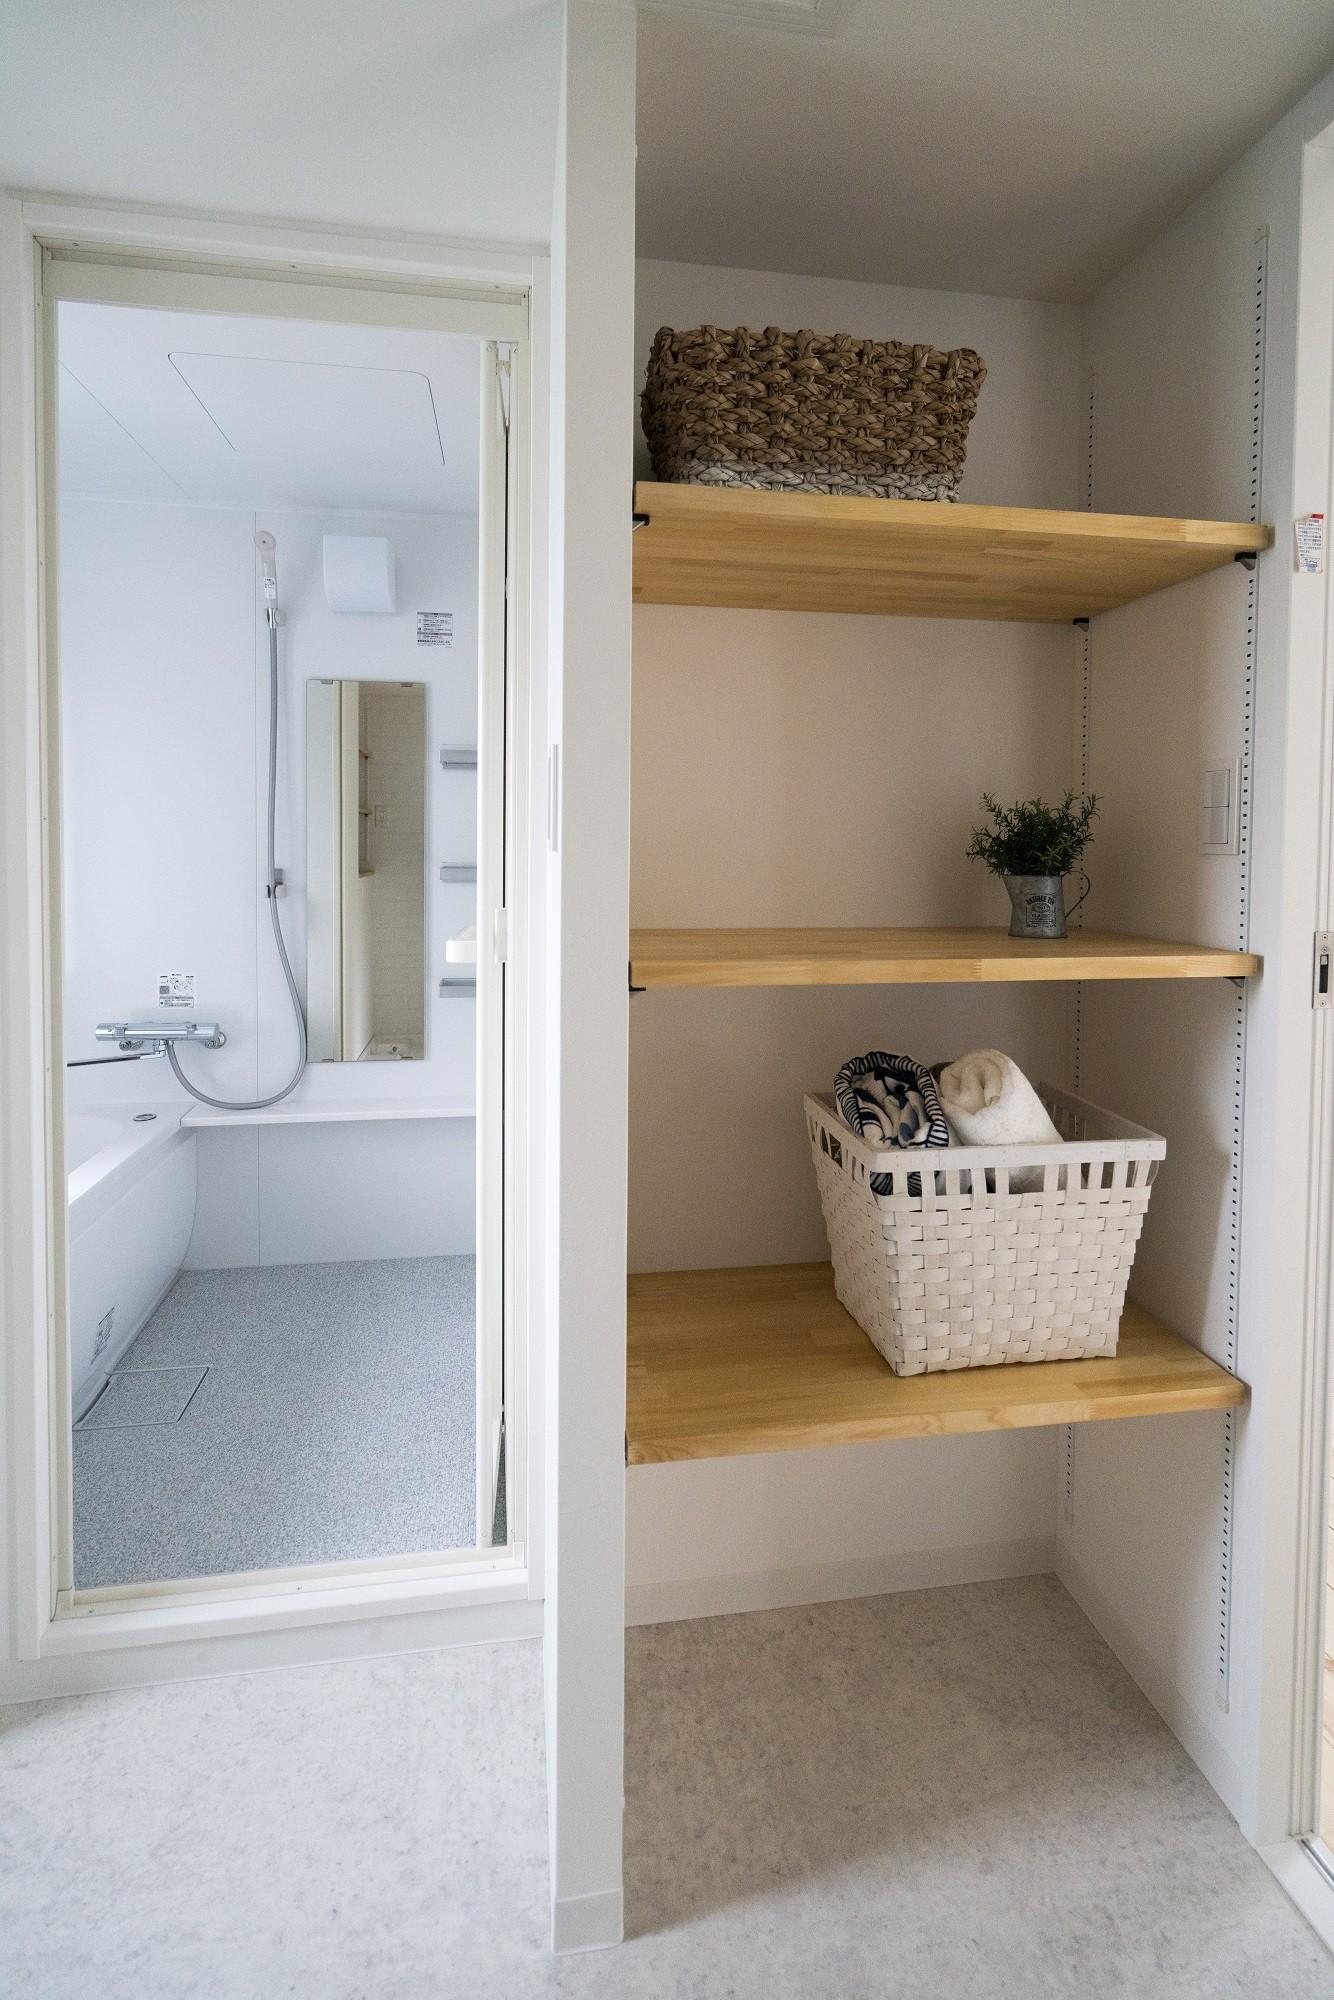 バス/トイレ事例:洗面所(リノベーション リビングと繋がる部屋)